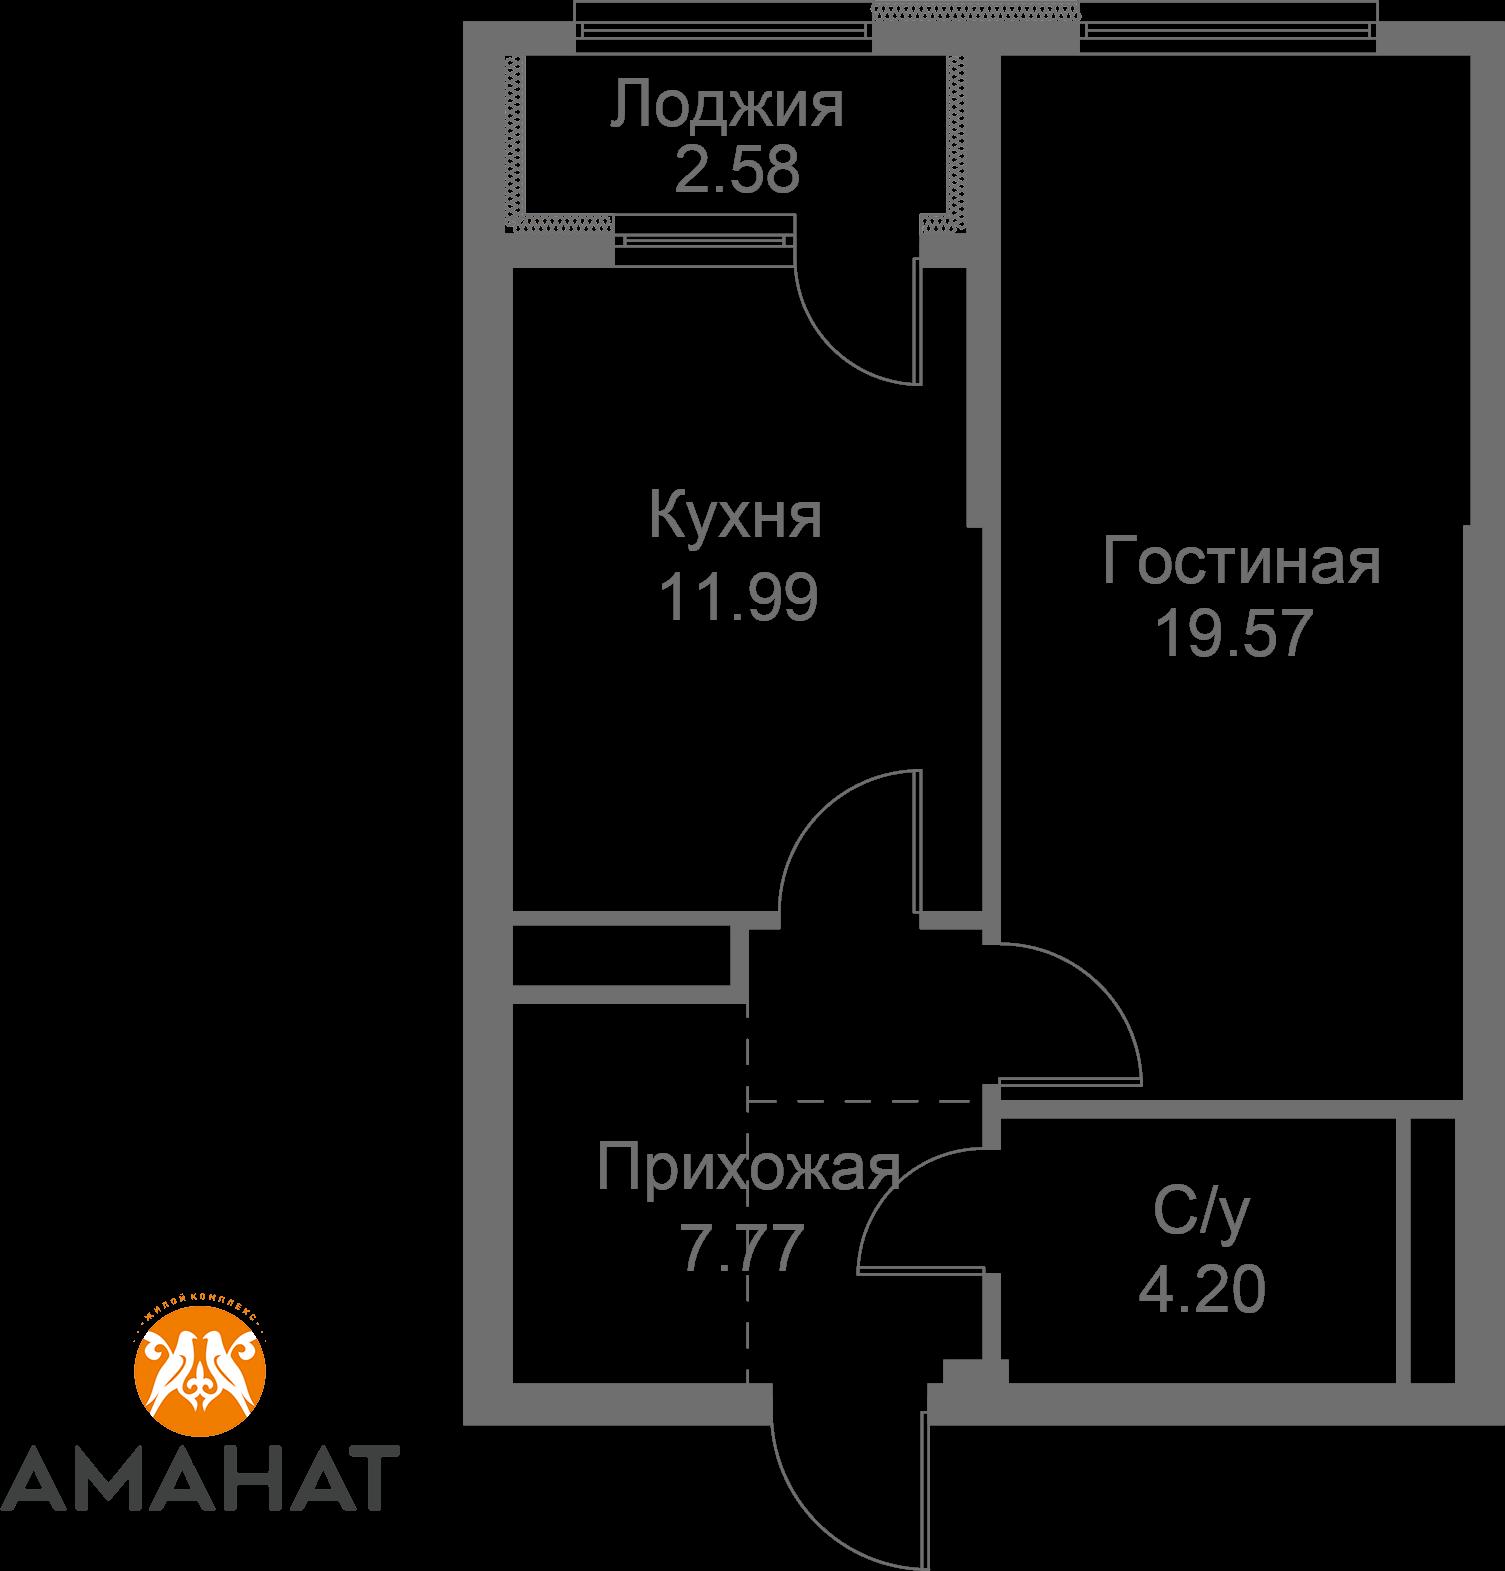 Квартира 319